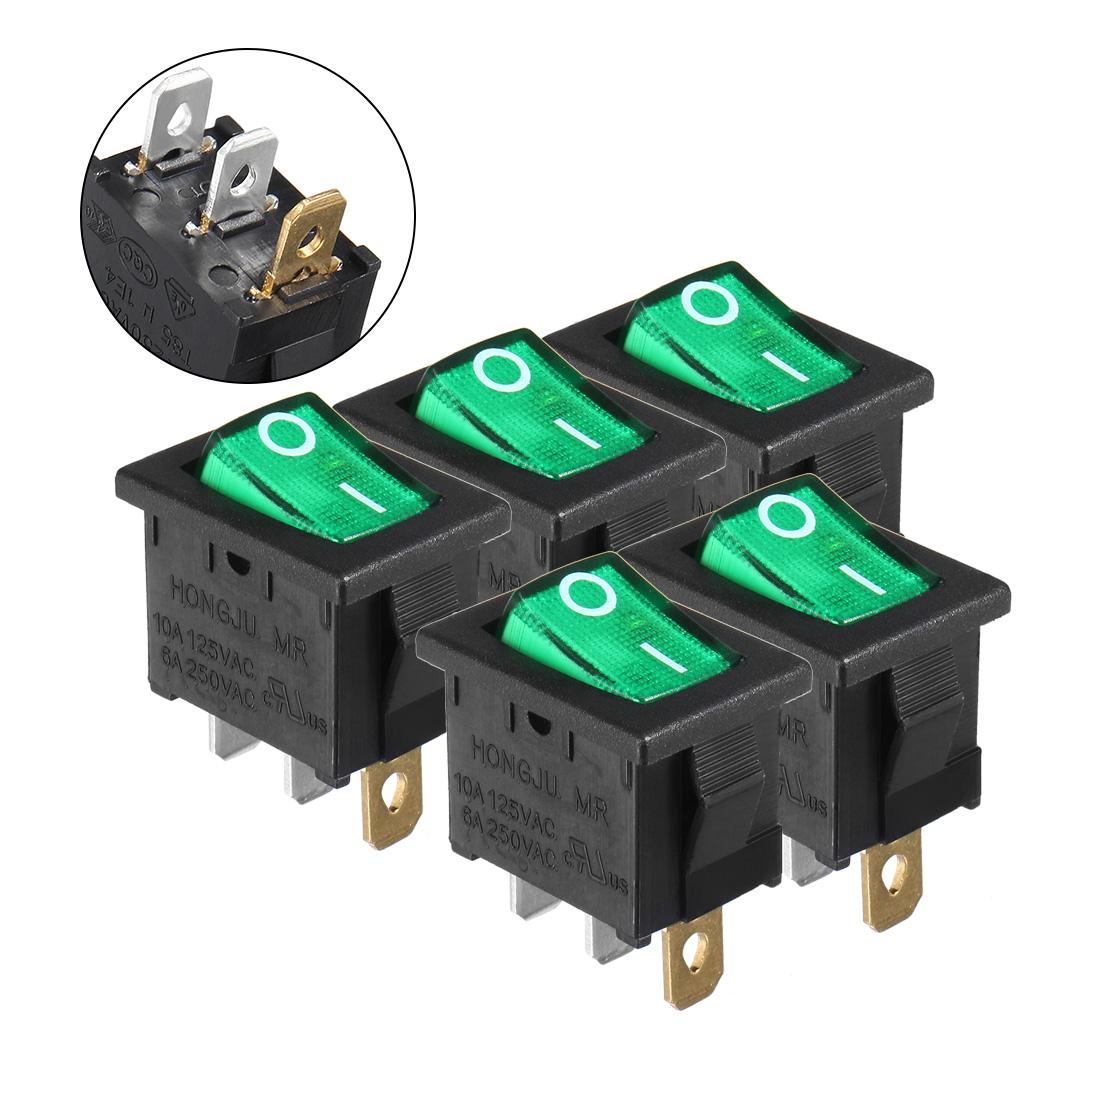 5Pcs AC 250V/6A 125V/10A ON/OFF 2P SPST Rocker Switch Latching